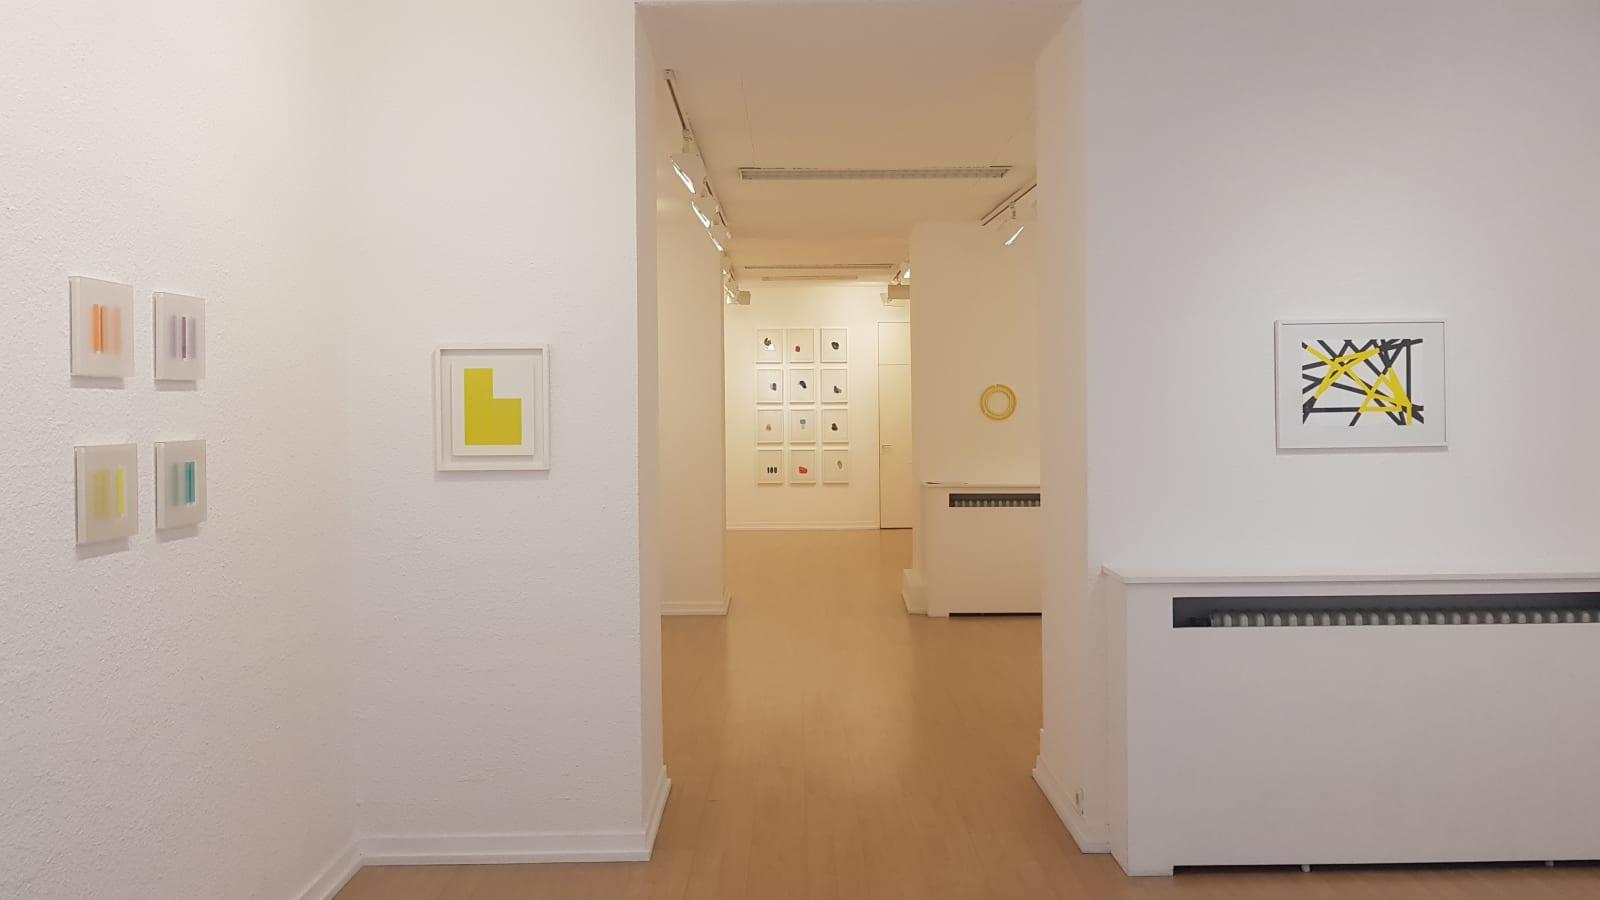 Petits Formats & Oeuvres sur Papier / exposition de groupe des artistes de la galerie / Oniris 2018-2019